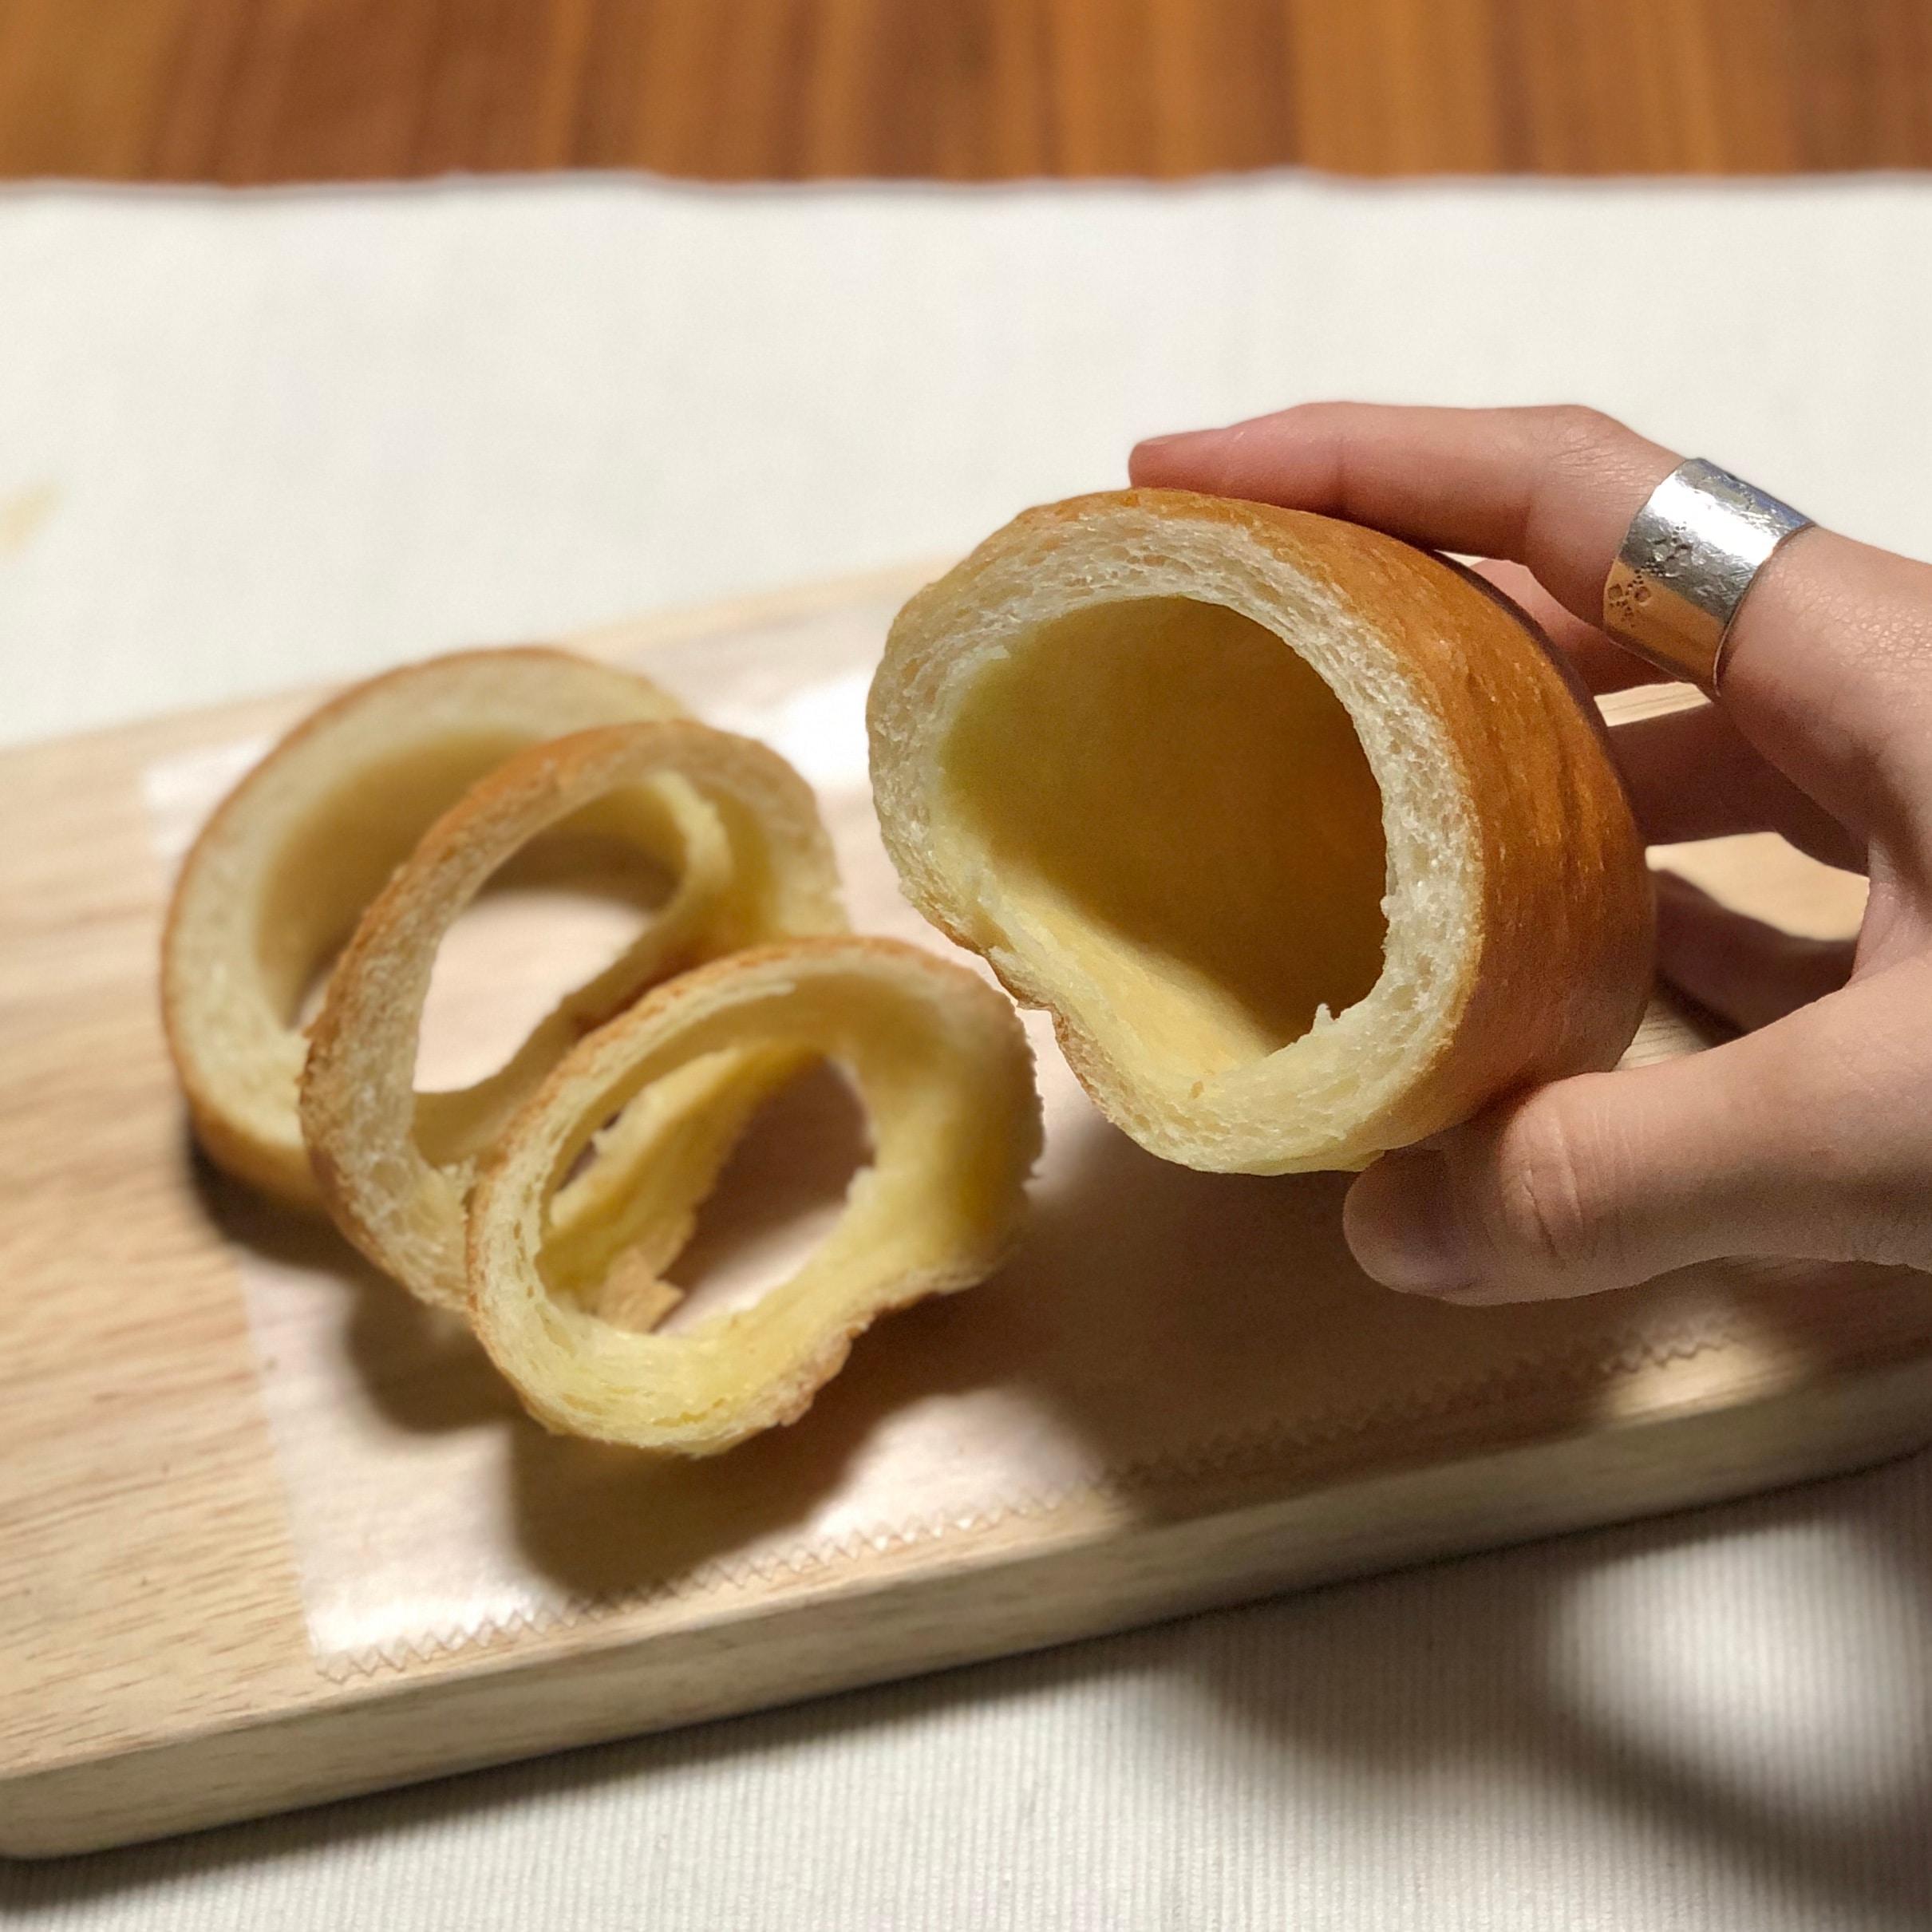 【イオンモール堺北花田】私が愛してやまない 塩パン|スタッフが選ぶ無印良品